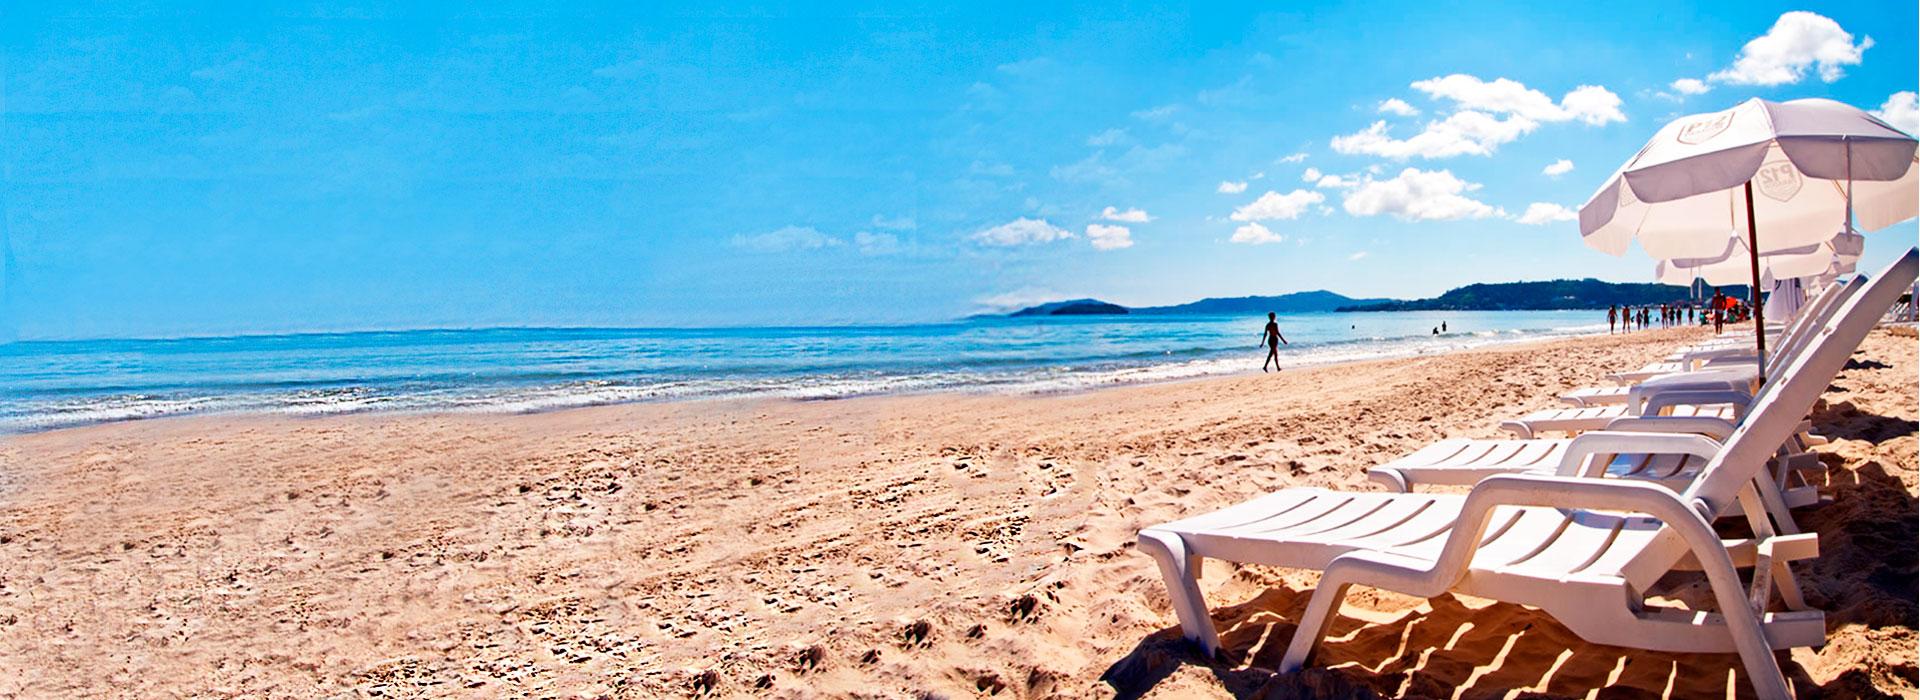 praia jurere